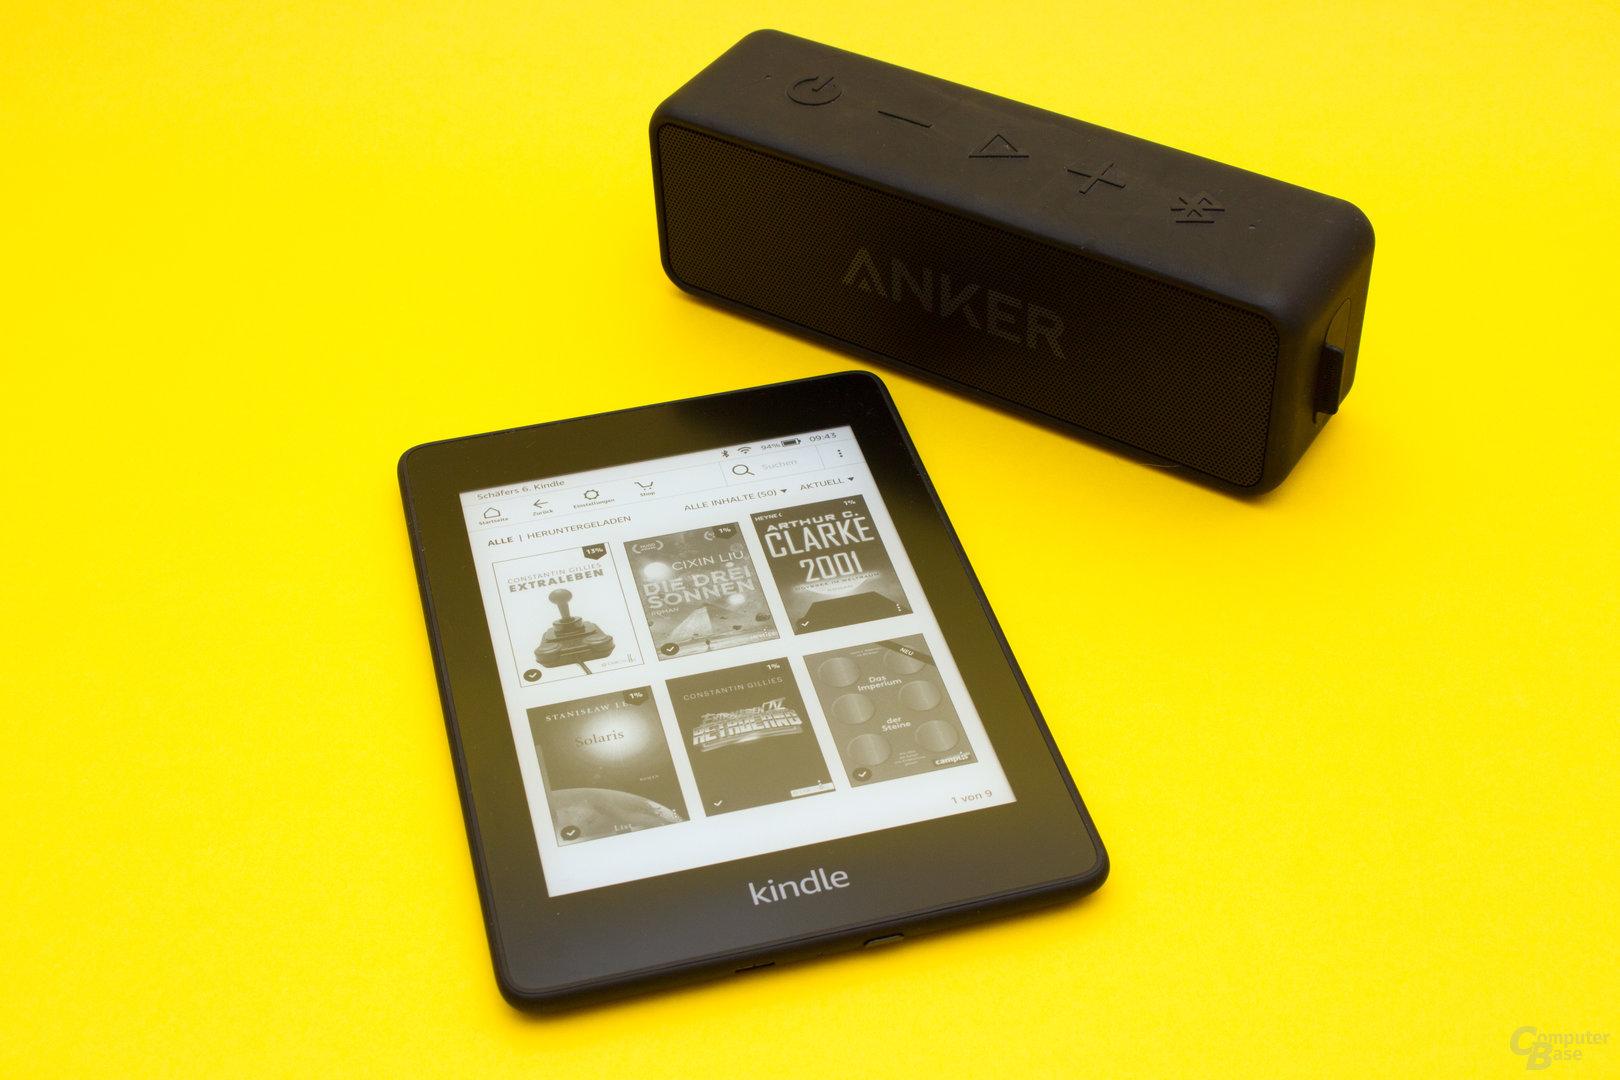 Der neue Kindle Paperwhite unterstützt nun auch Audible und Bluetooth-Ausgabe